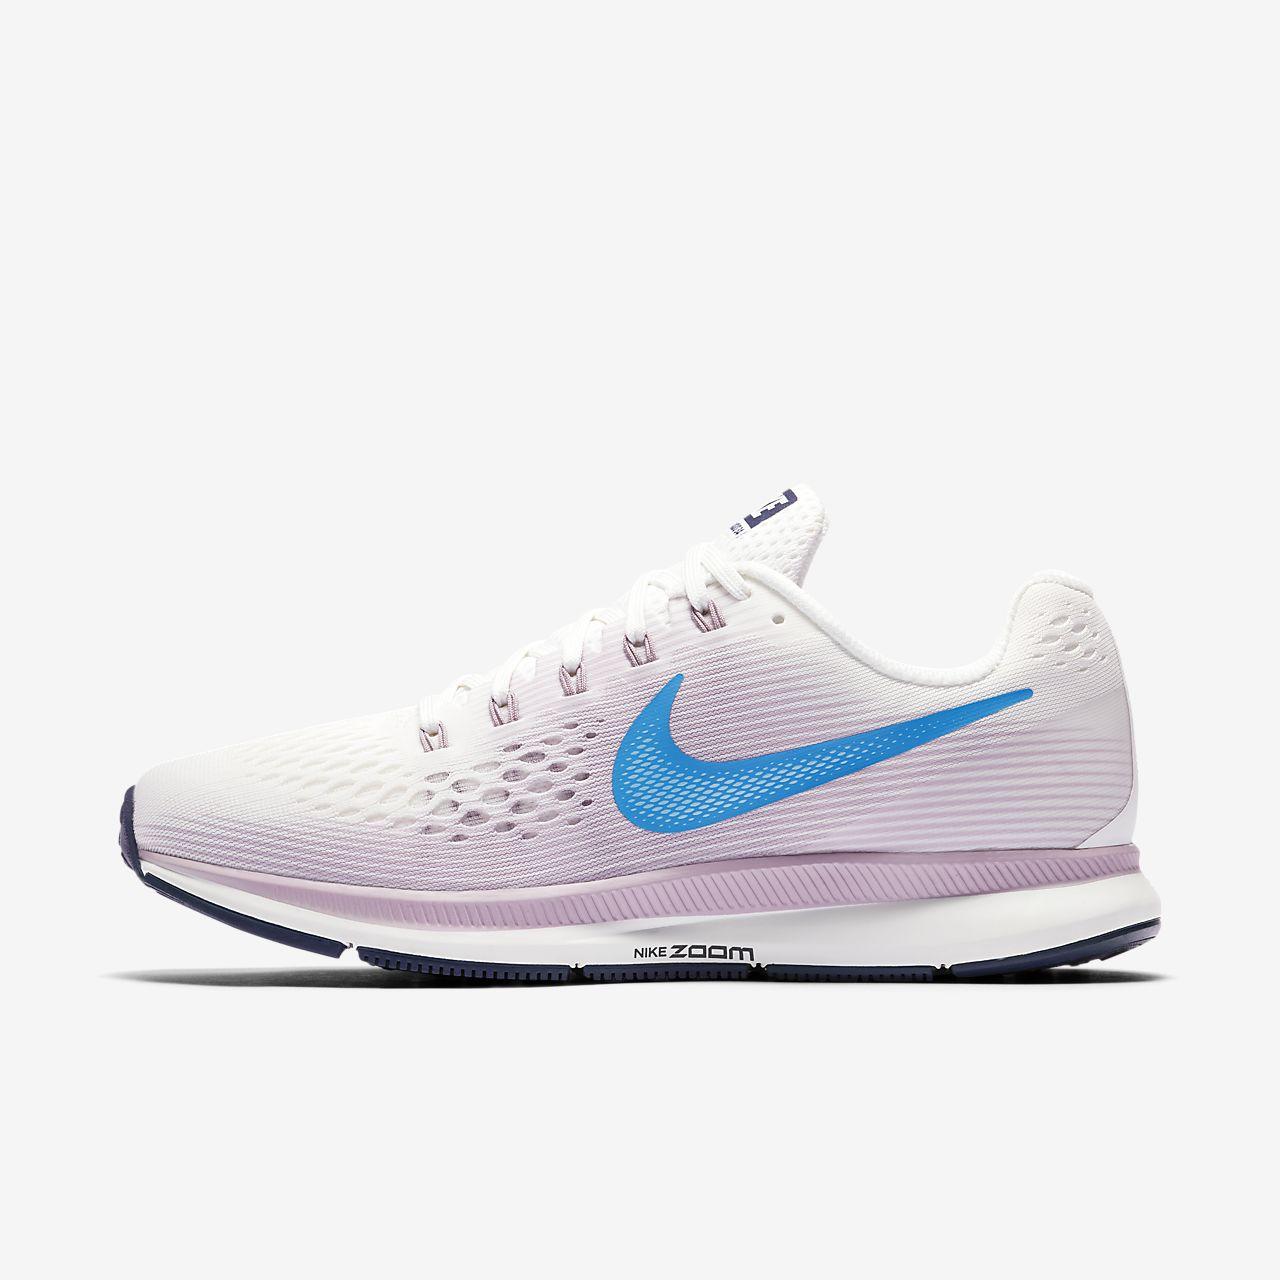 newest 54de7 a6462 ... Chaussure de running Nike Air Zoom Pegasus 34 pour Femme